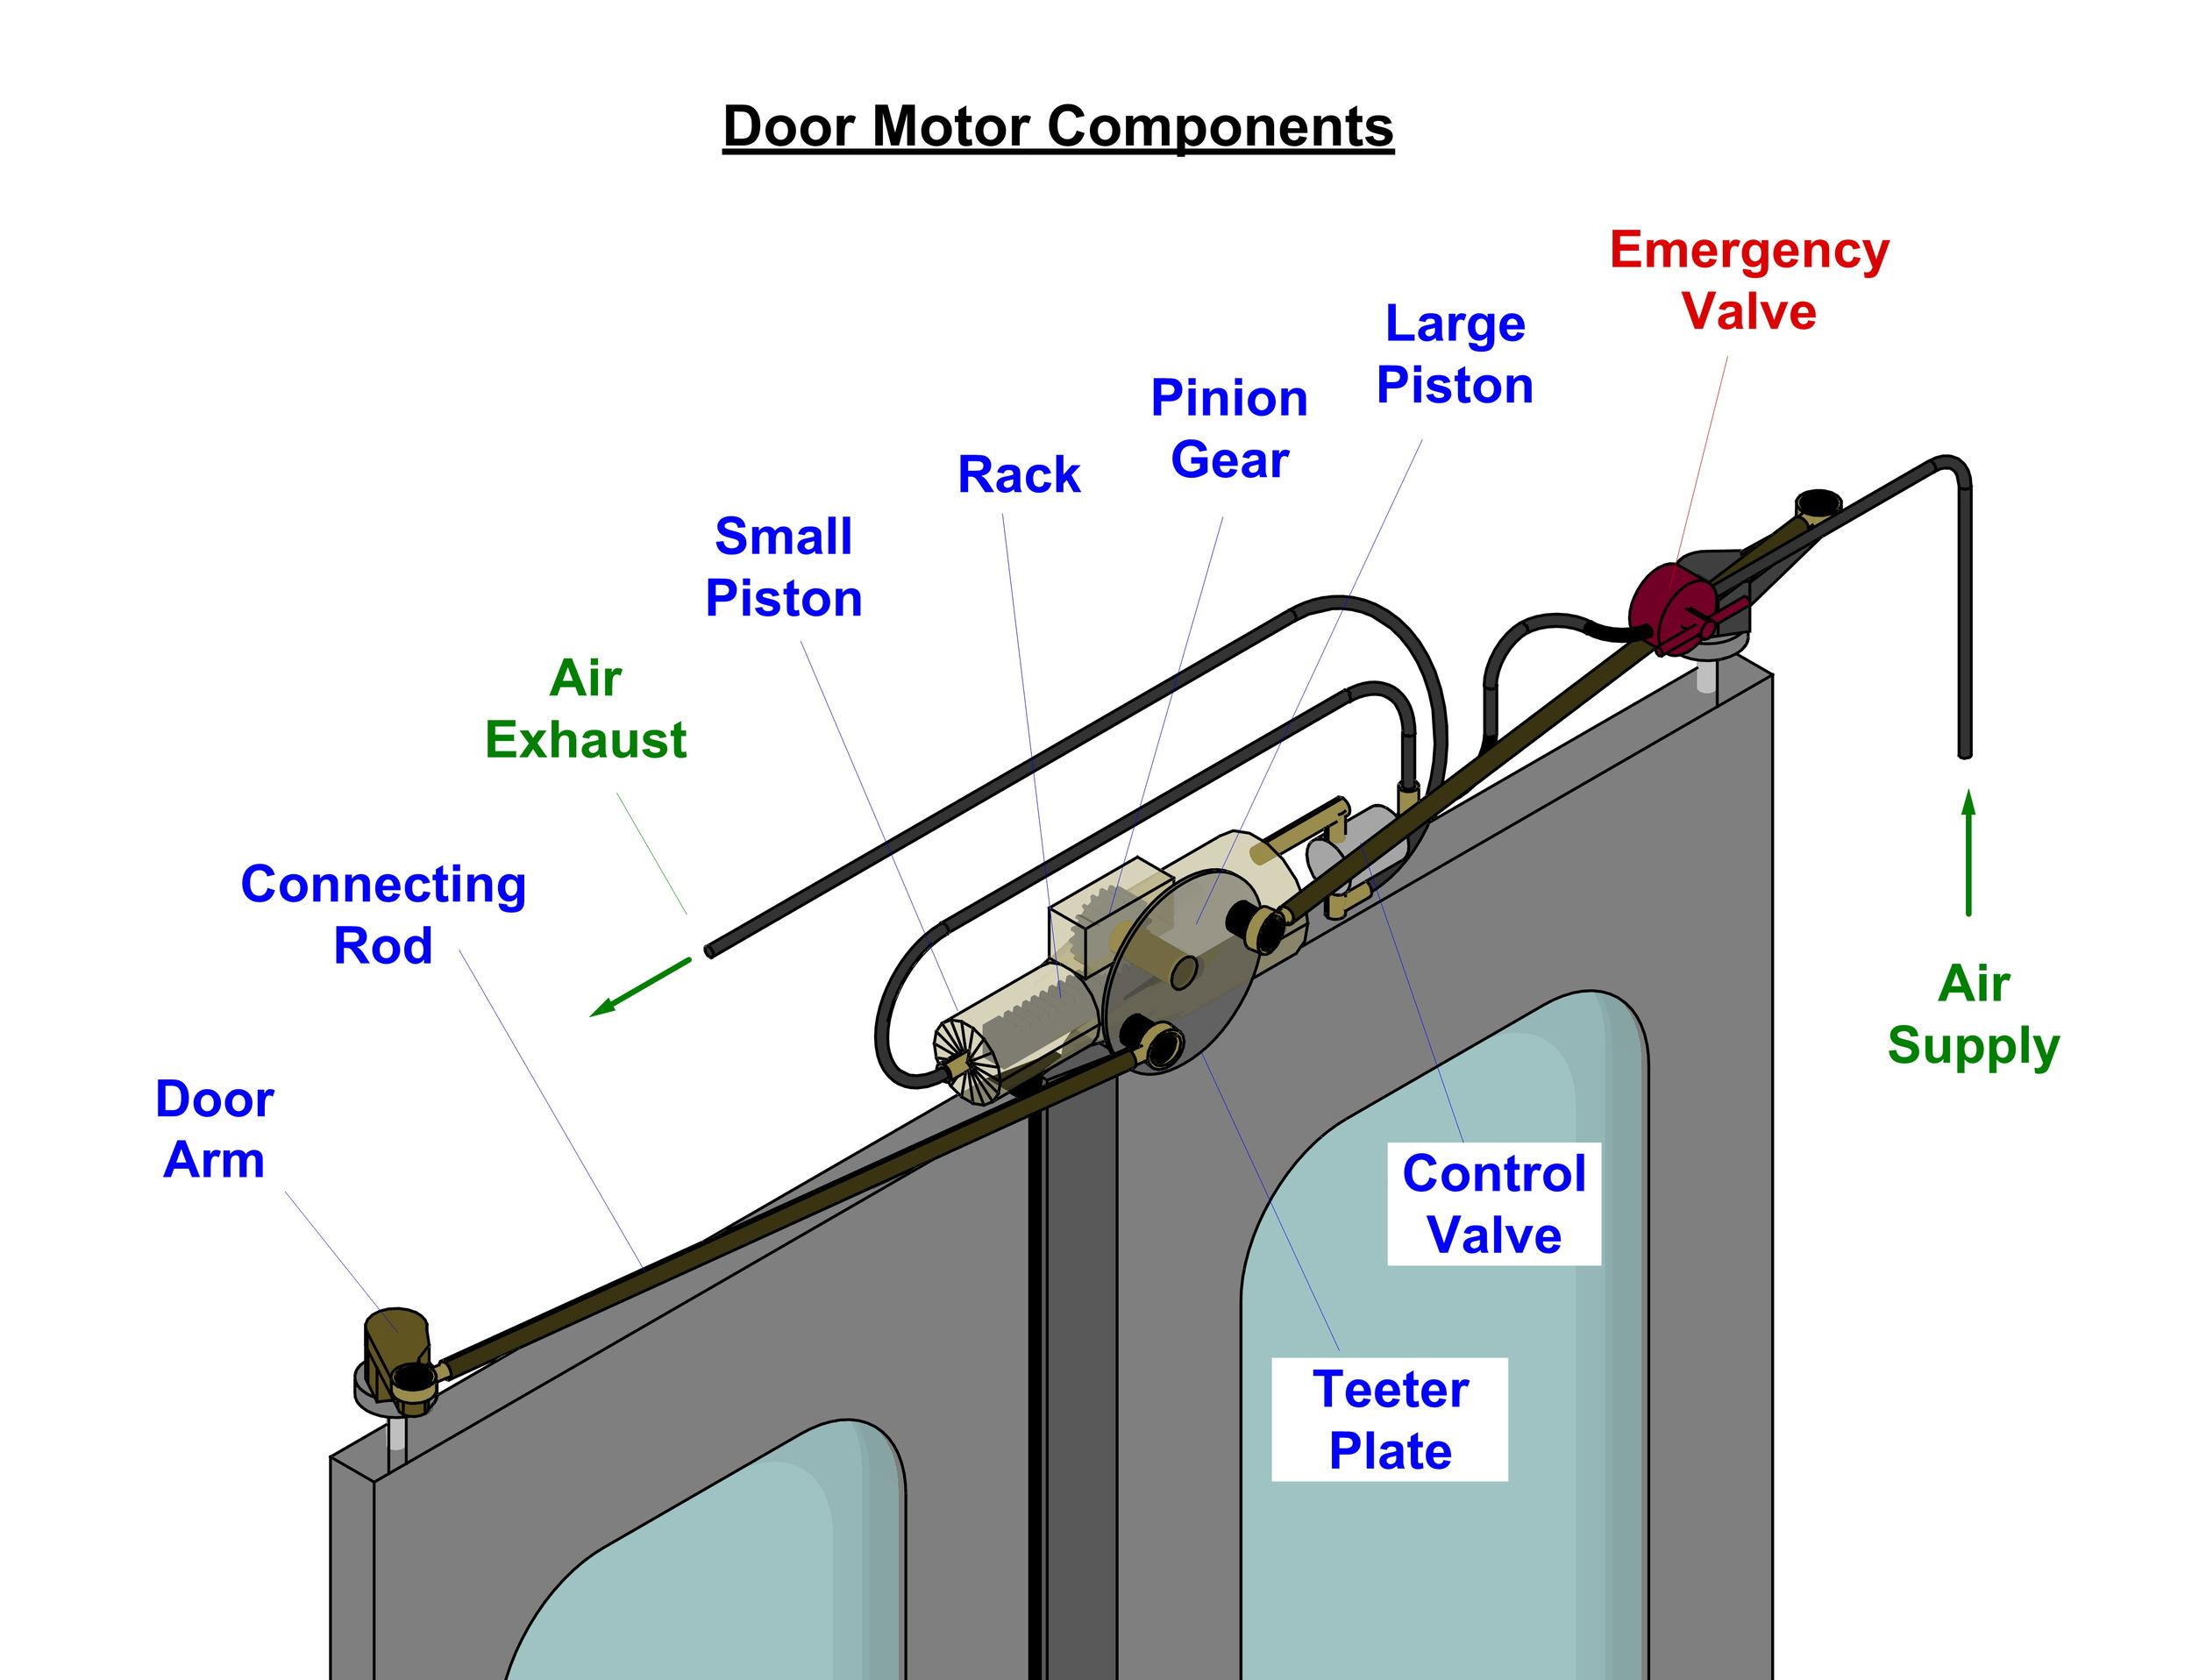 Door Motor Components.JPG